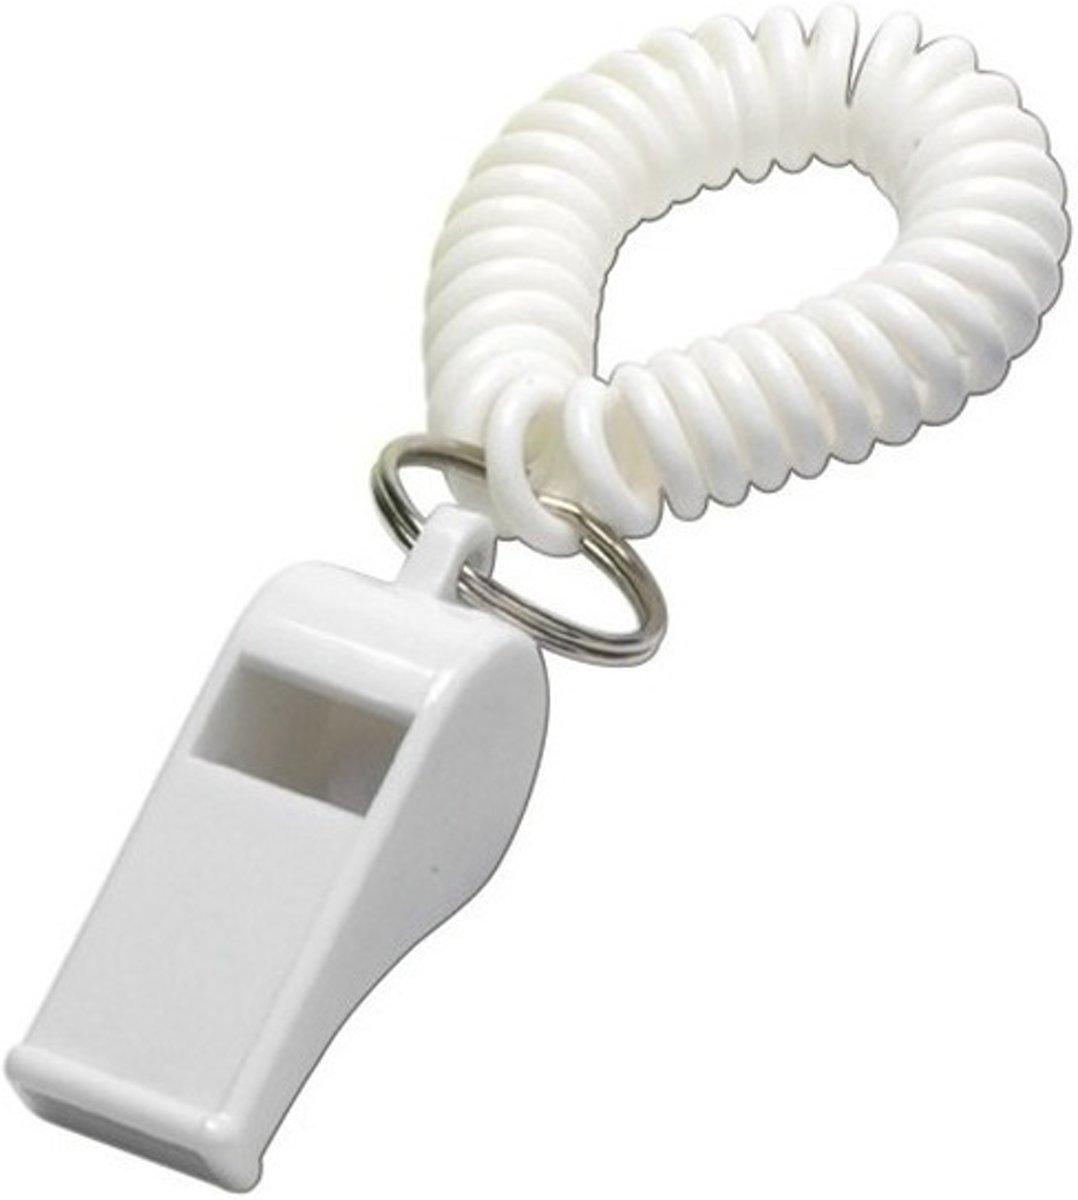 Wit fluitje aan polsbandje - Supporters/sportdag artikelen kopen